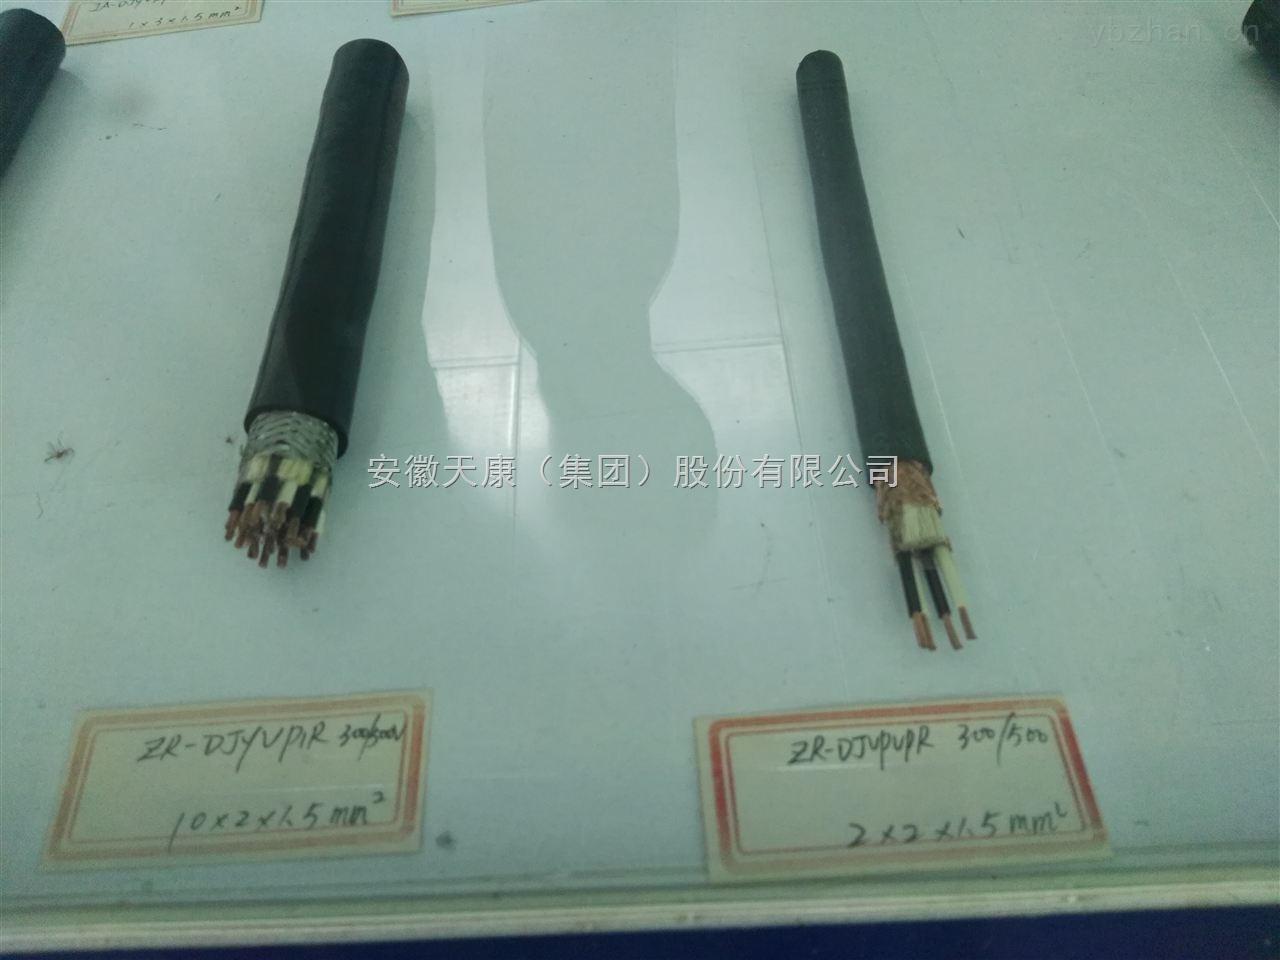 计算机信号电缆